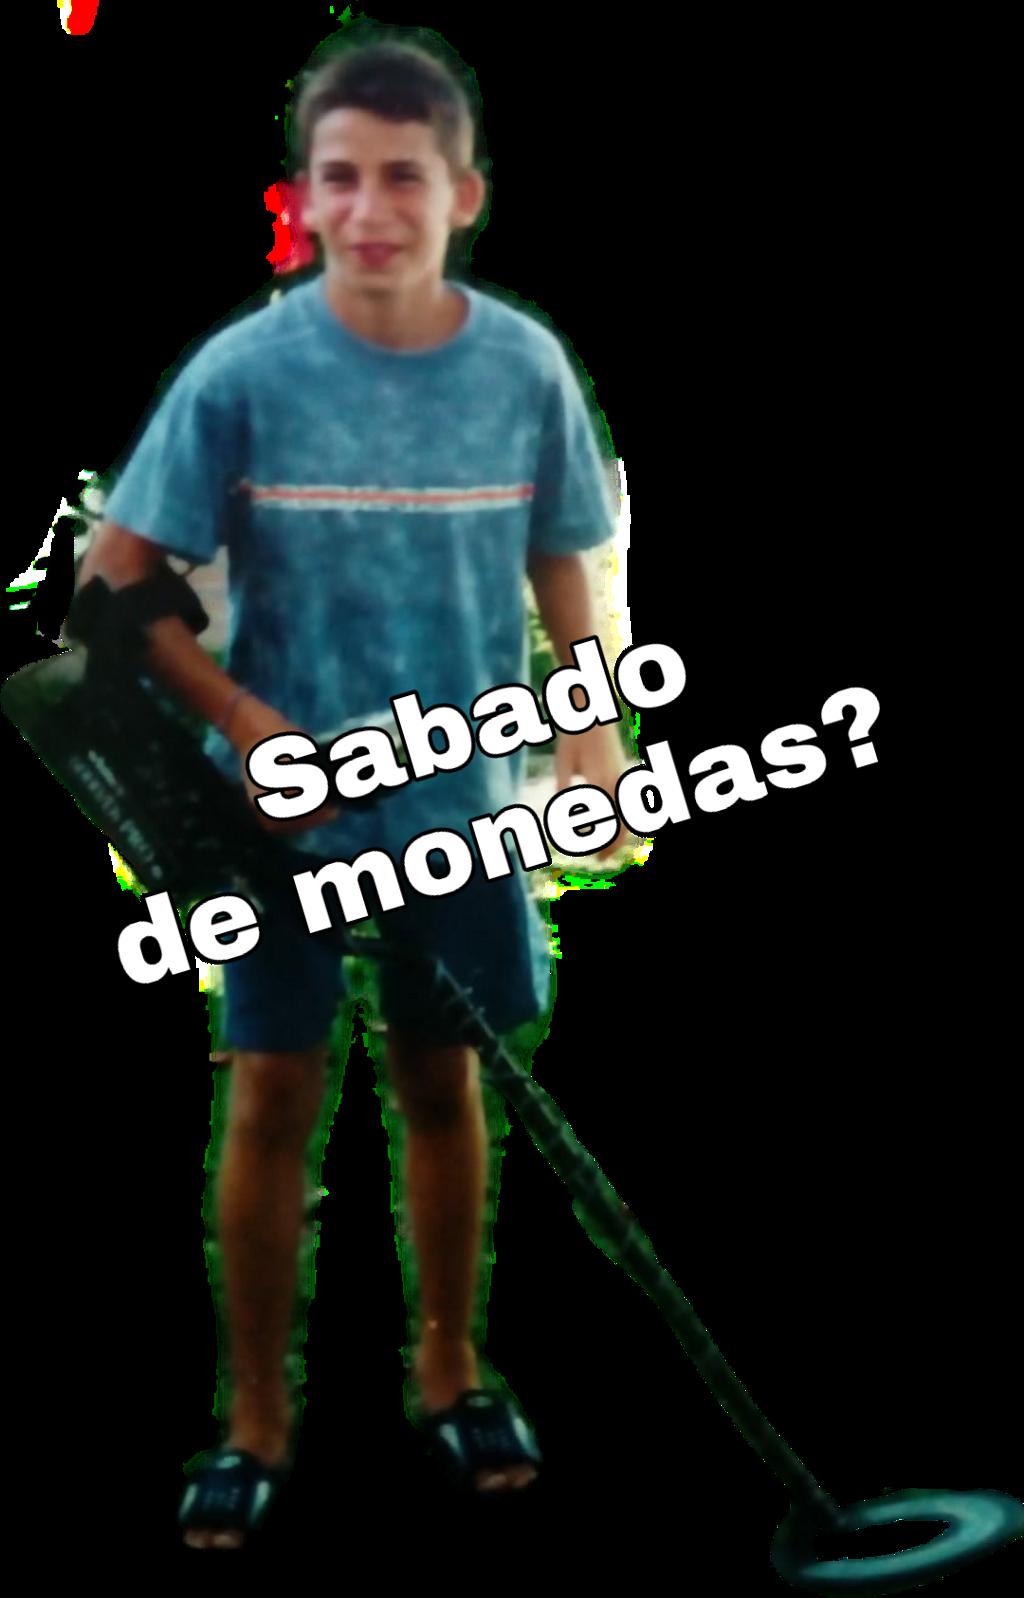 #xixo